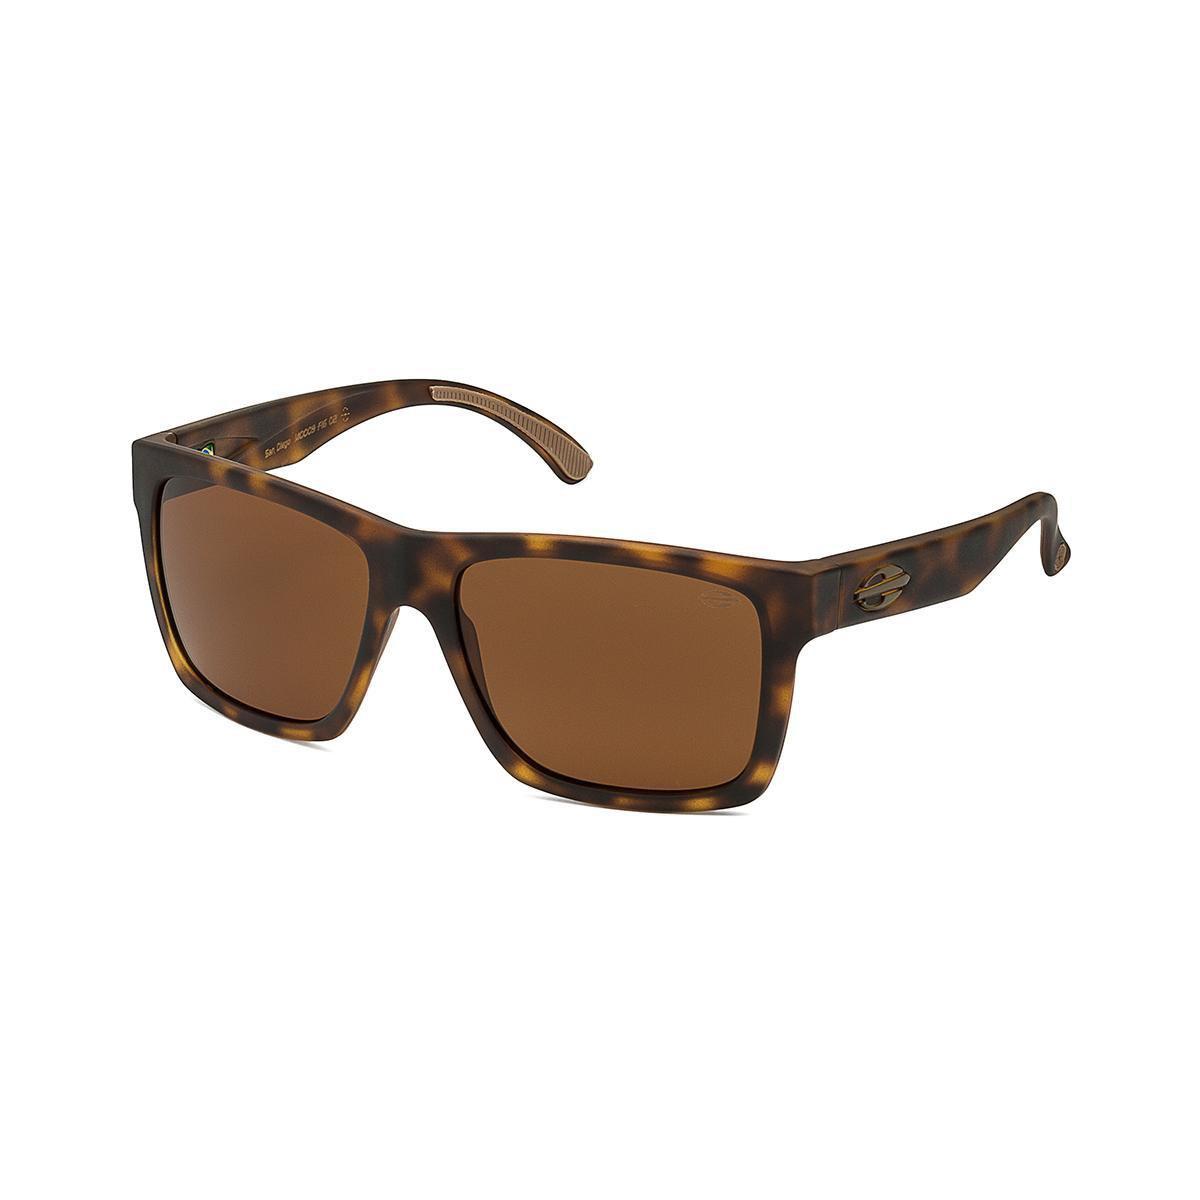 12d846e3dbf38 Oculos Sol Mormaii San Diego - Marrom Claro - Compre Agora